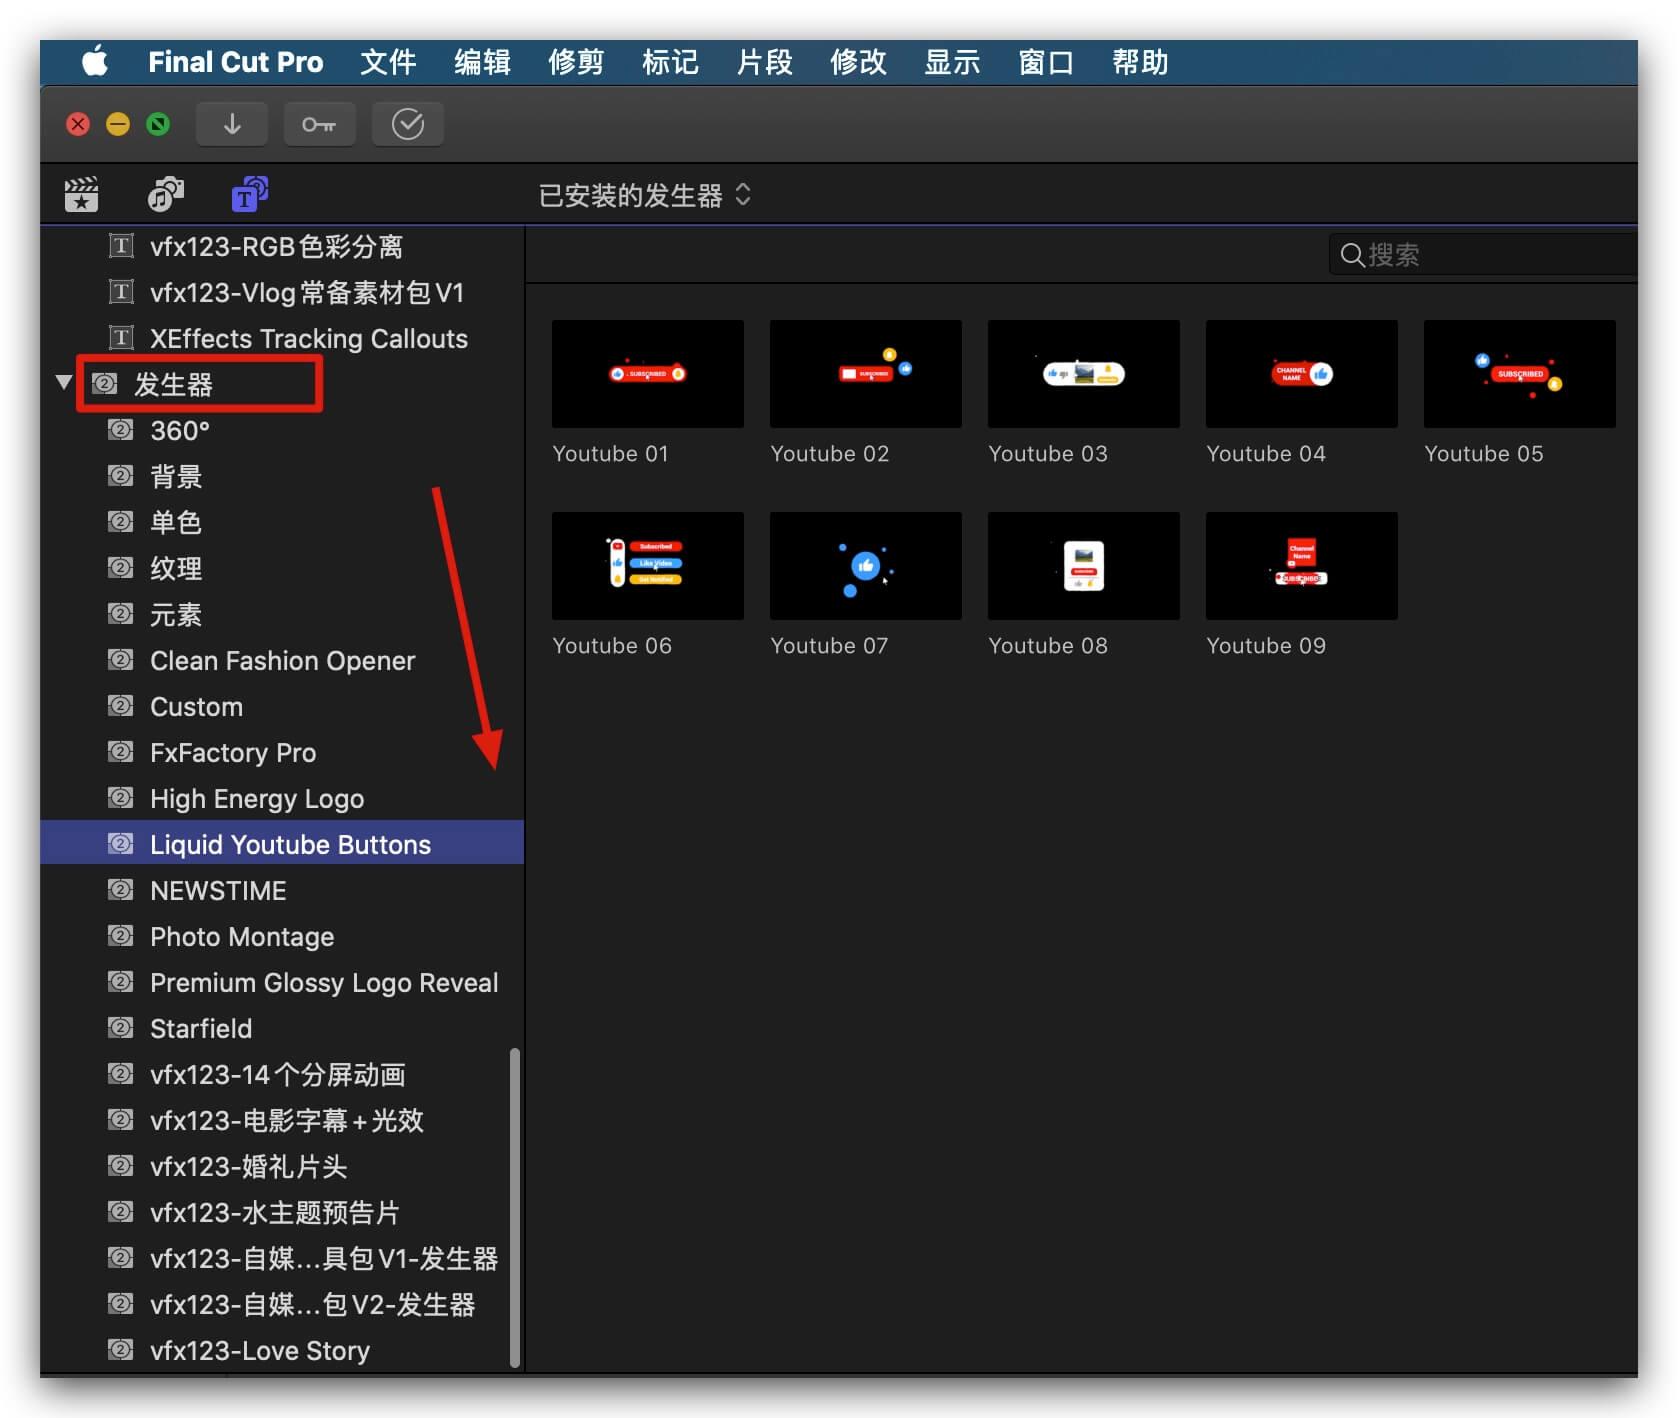 fcpx标题插件 活泼动感短视频点赞按钮标题动画 Liquid Buttons